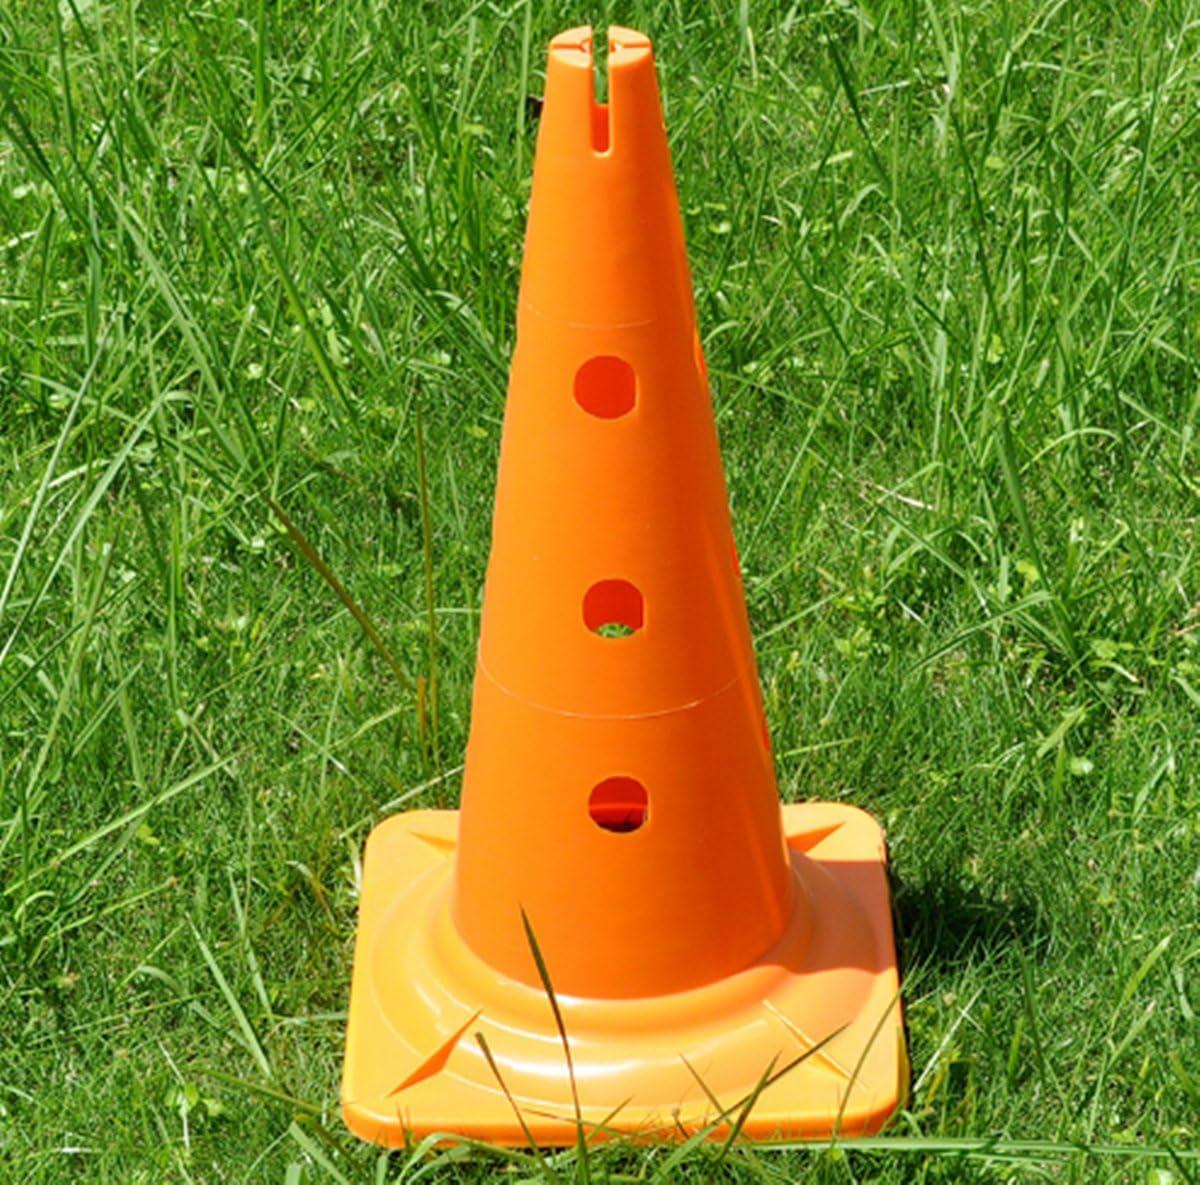 Wenhaoyu 50/cm Obstacle Road Block panneau carr/é en bas avec trou Tonneau Road Sign Ballon de football dentra/înement C/ône de panneau cr/ème glac/ée Cylindre